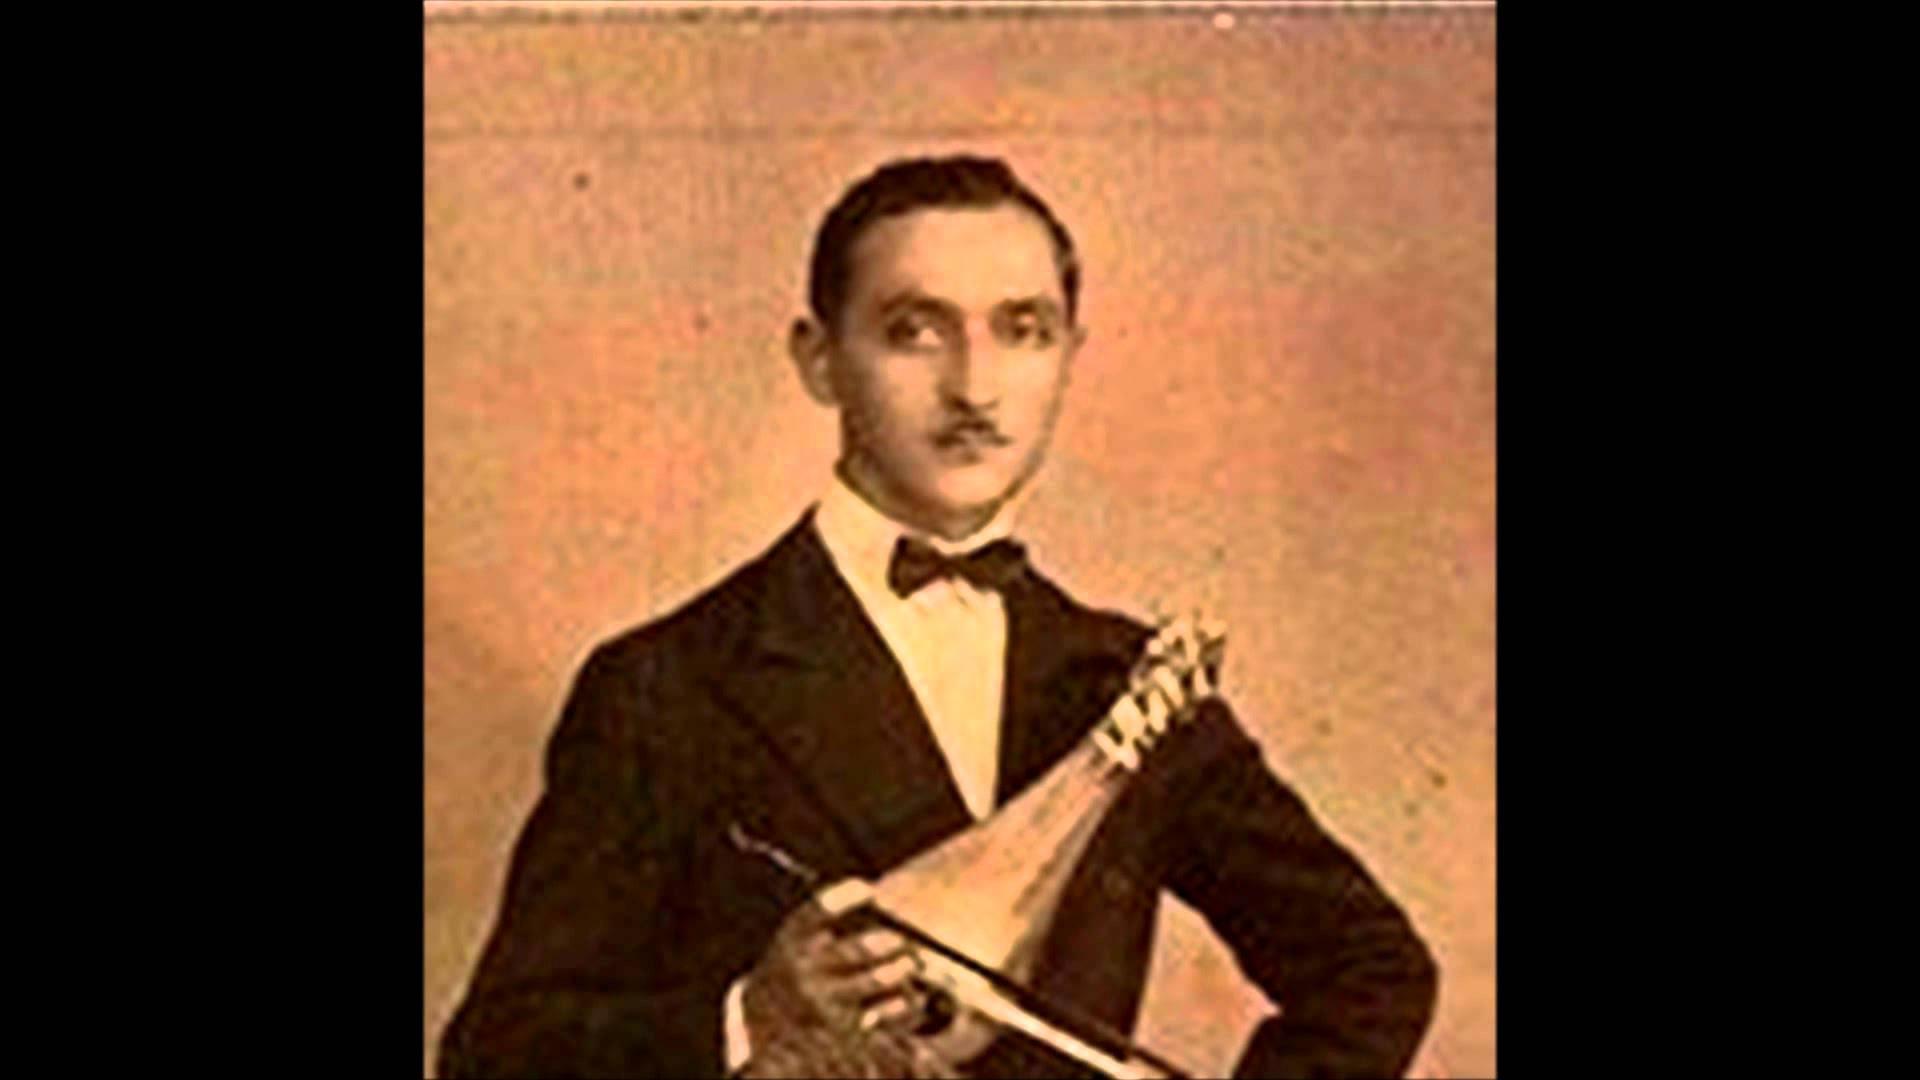 Cüneyd Orhon, Kemençe sanatçısı (DY-1926) tarihte bugün